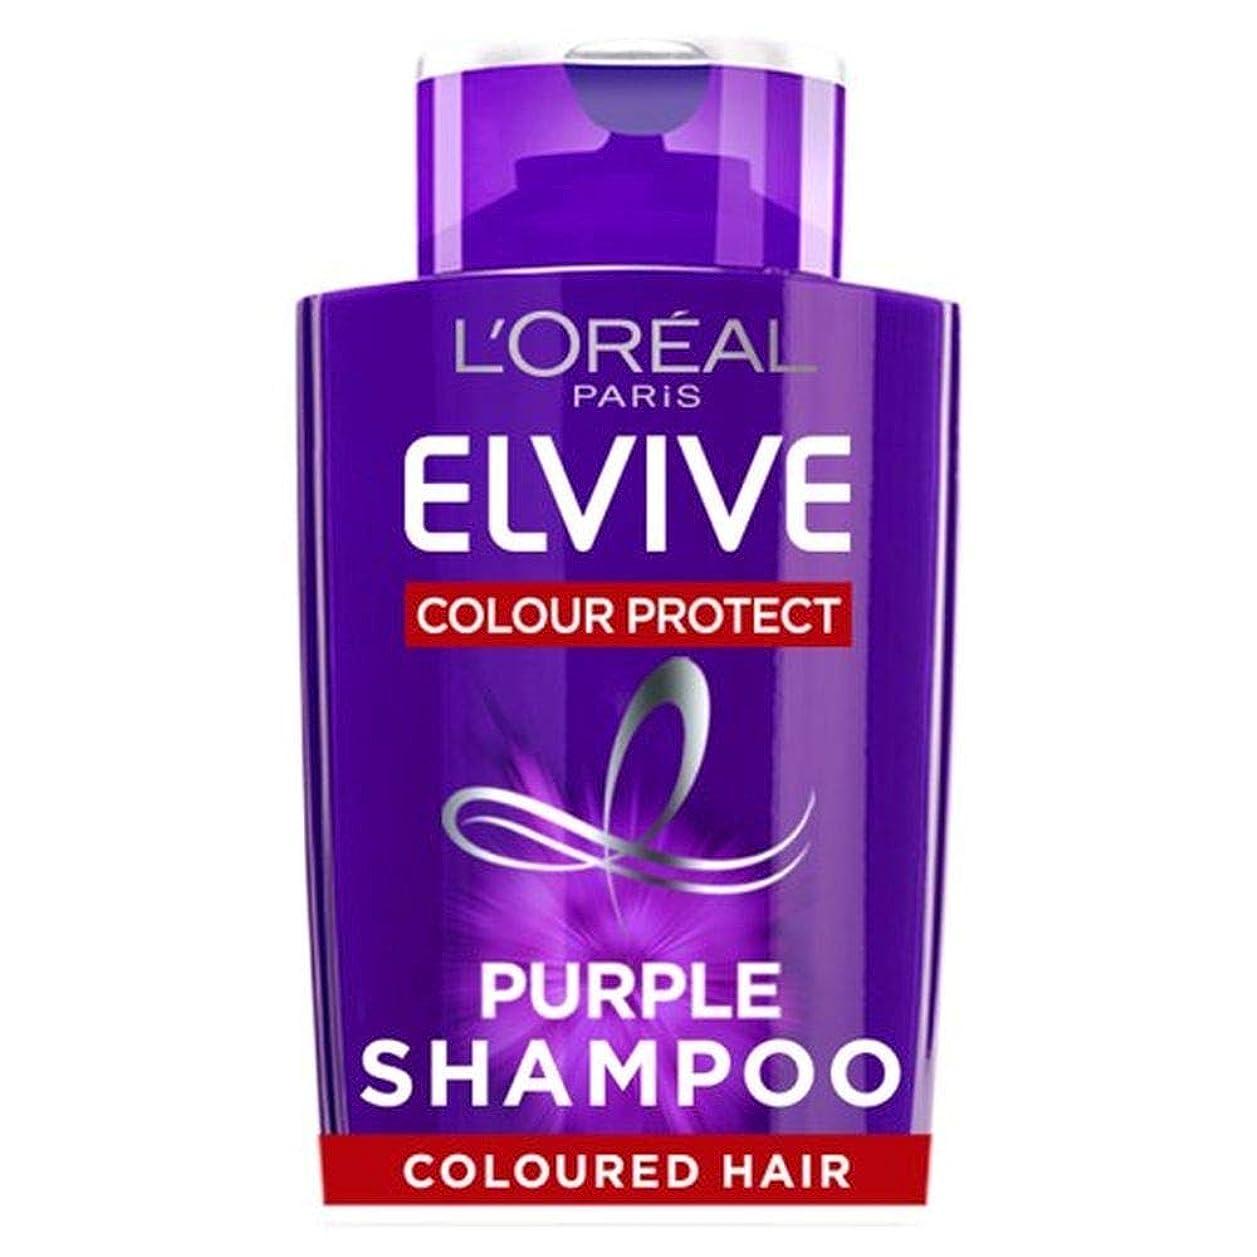 非行指標一人で[Elvive] ロレアルElvive色は紫色のシャンプー200ミリリットルを保護します - L'oreal Elvive Colour Protect Purple Shampoo 200Ml [並行輸入品]